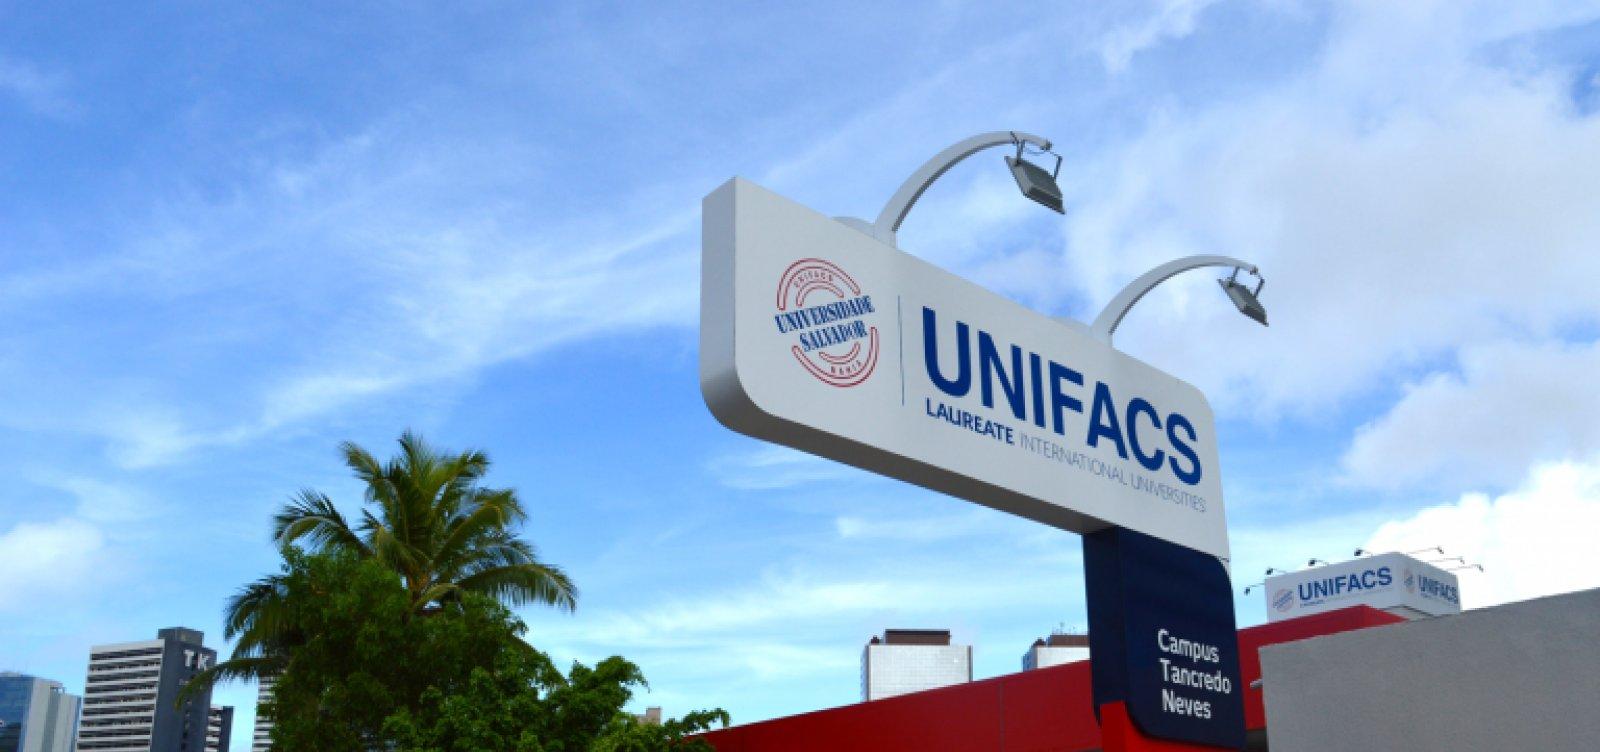 Unifacs é acionada por aumento abusivo na mensalidade do curso de Medicina